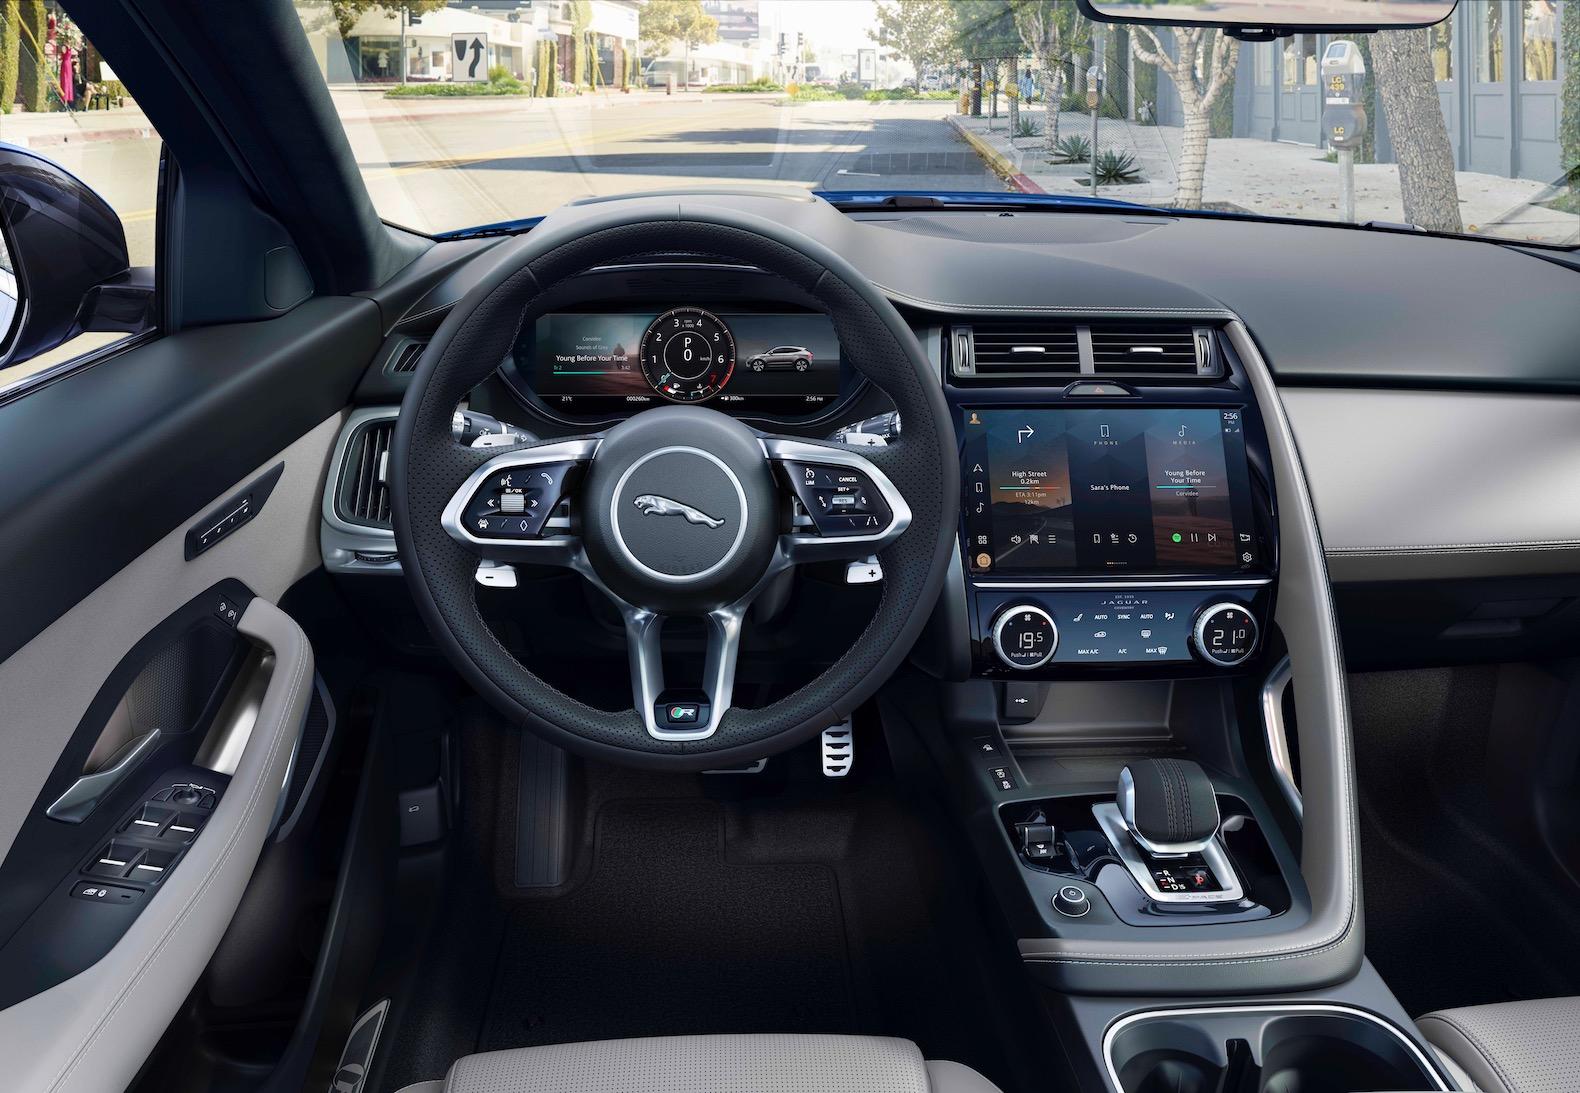 2021 Jaguar E-Pace gets a facelift | The Torque Report